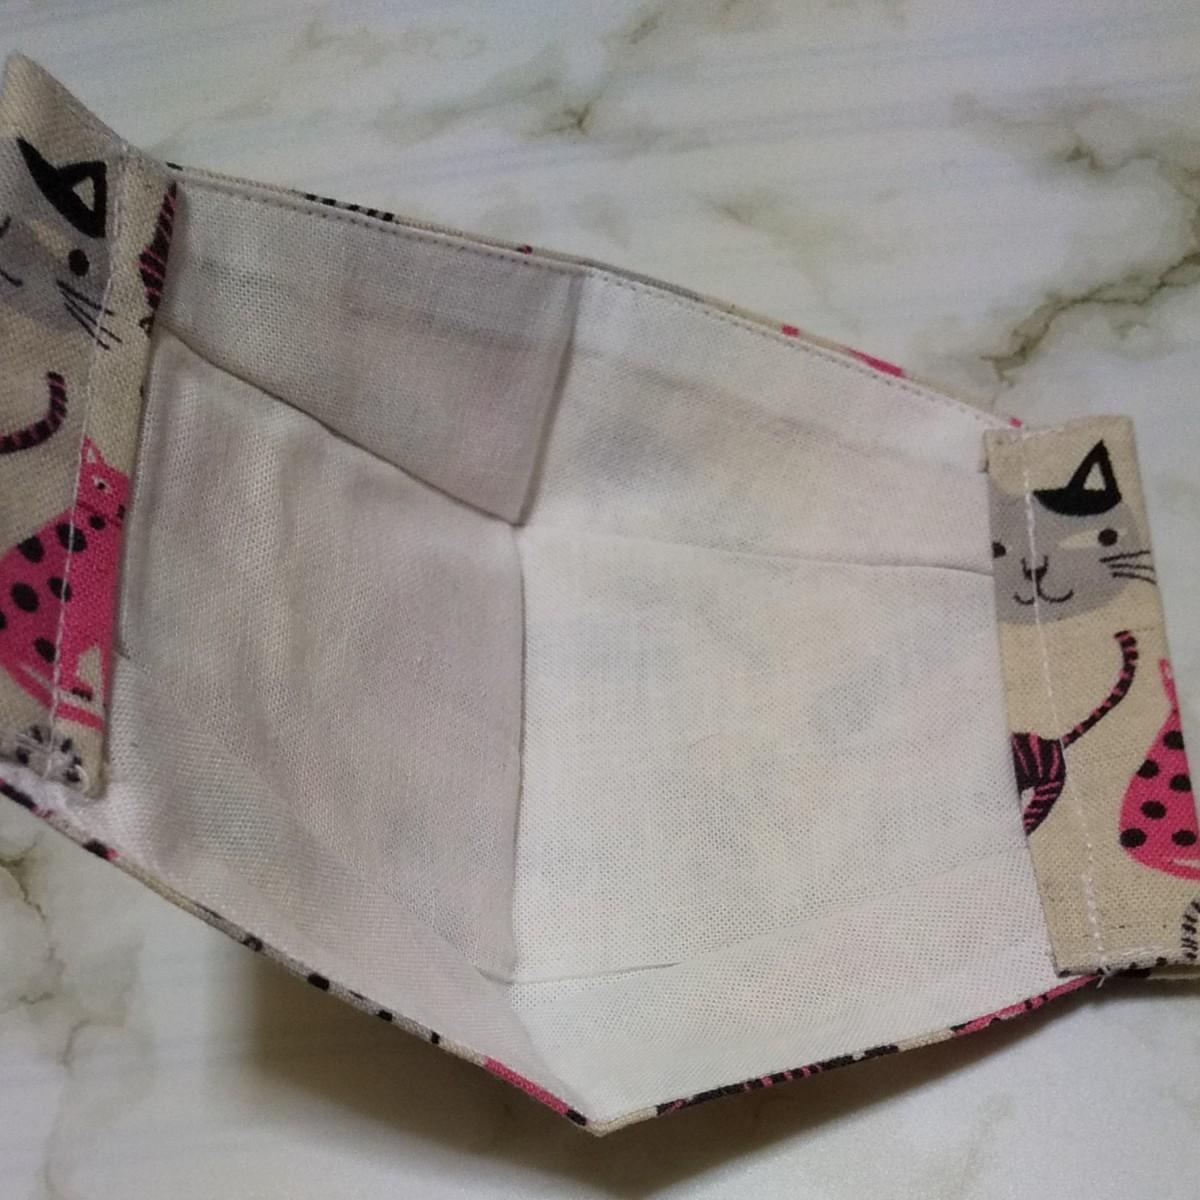 ハンドメイド 立体インナー 大臣風 船形 ボックス 大人用サイズ 猫 ピンク